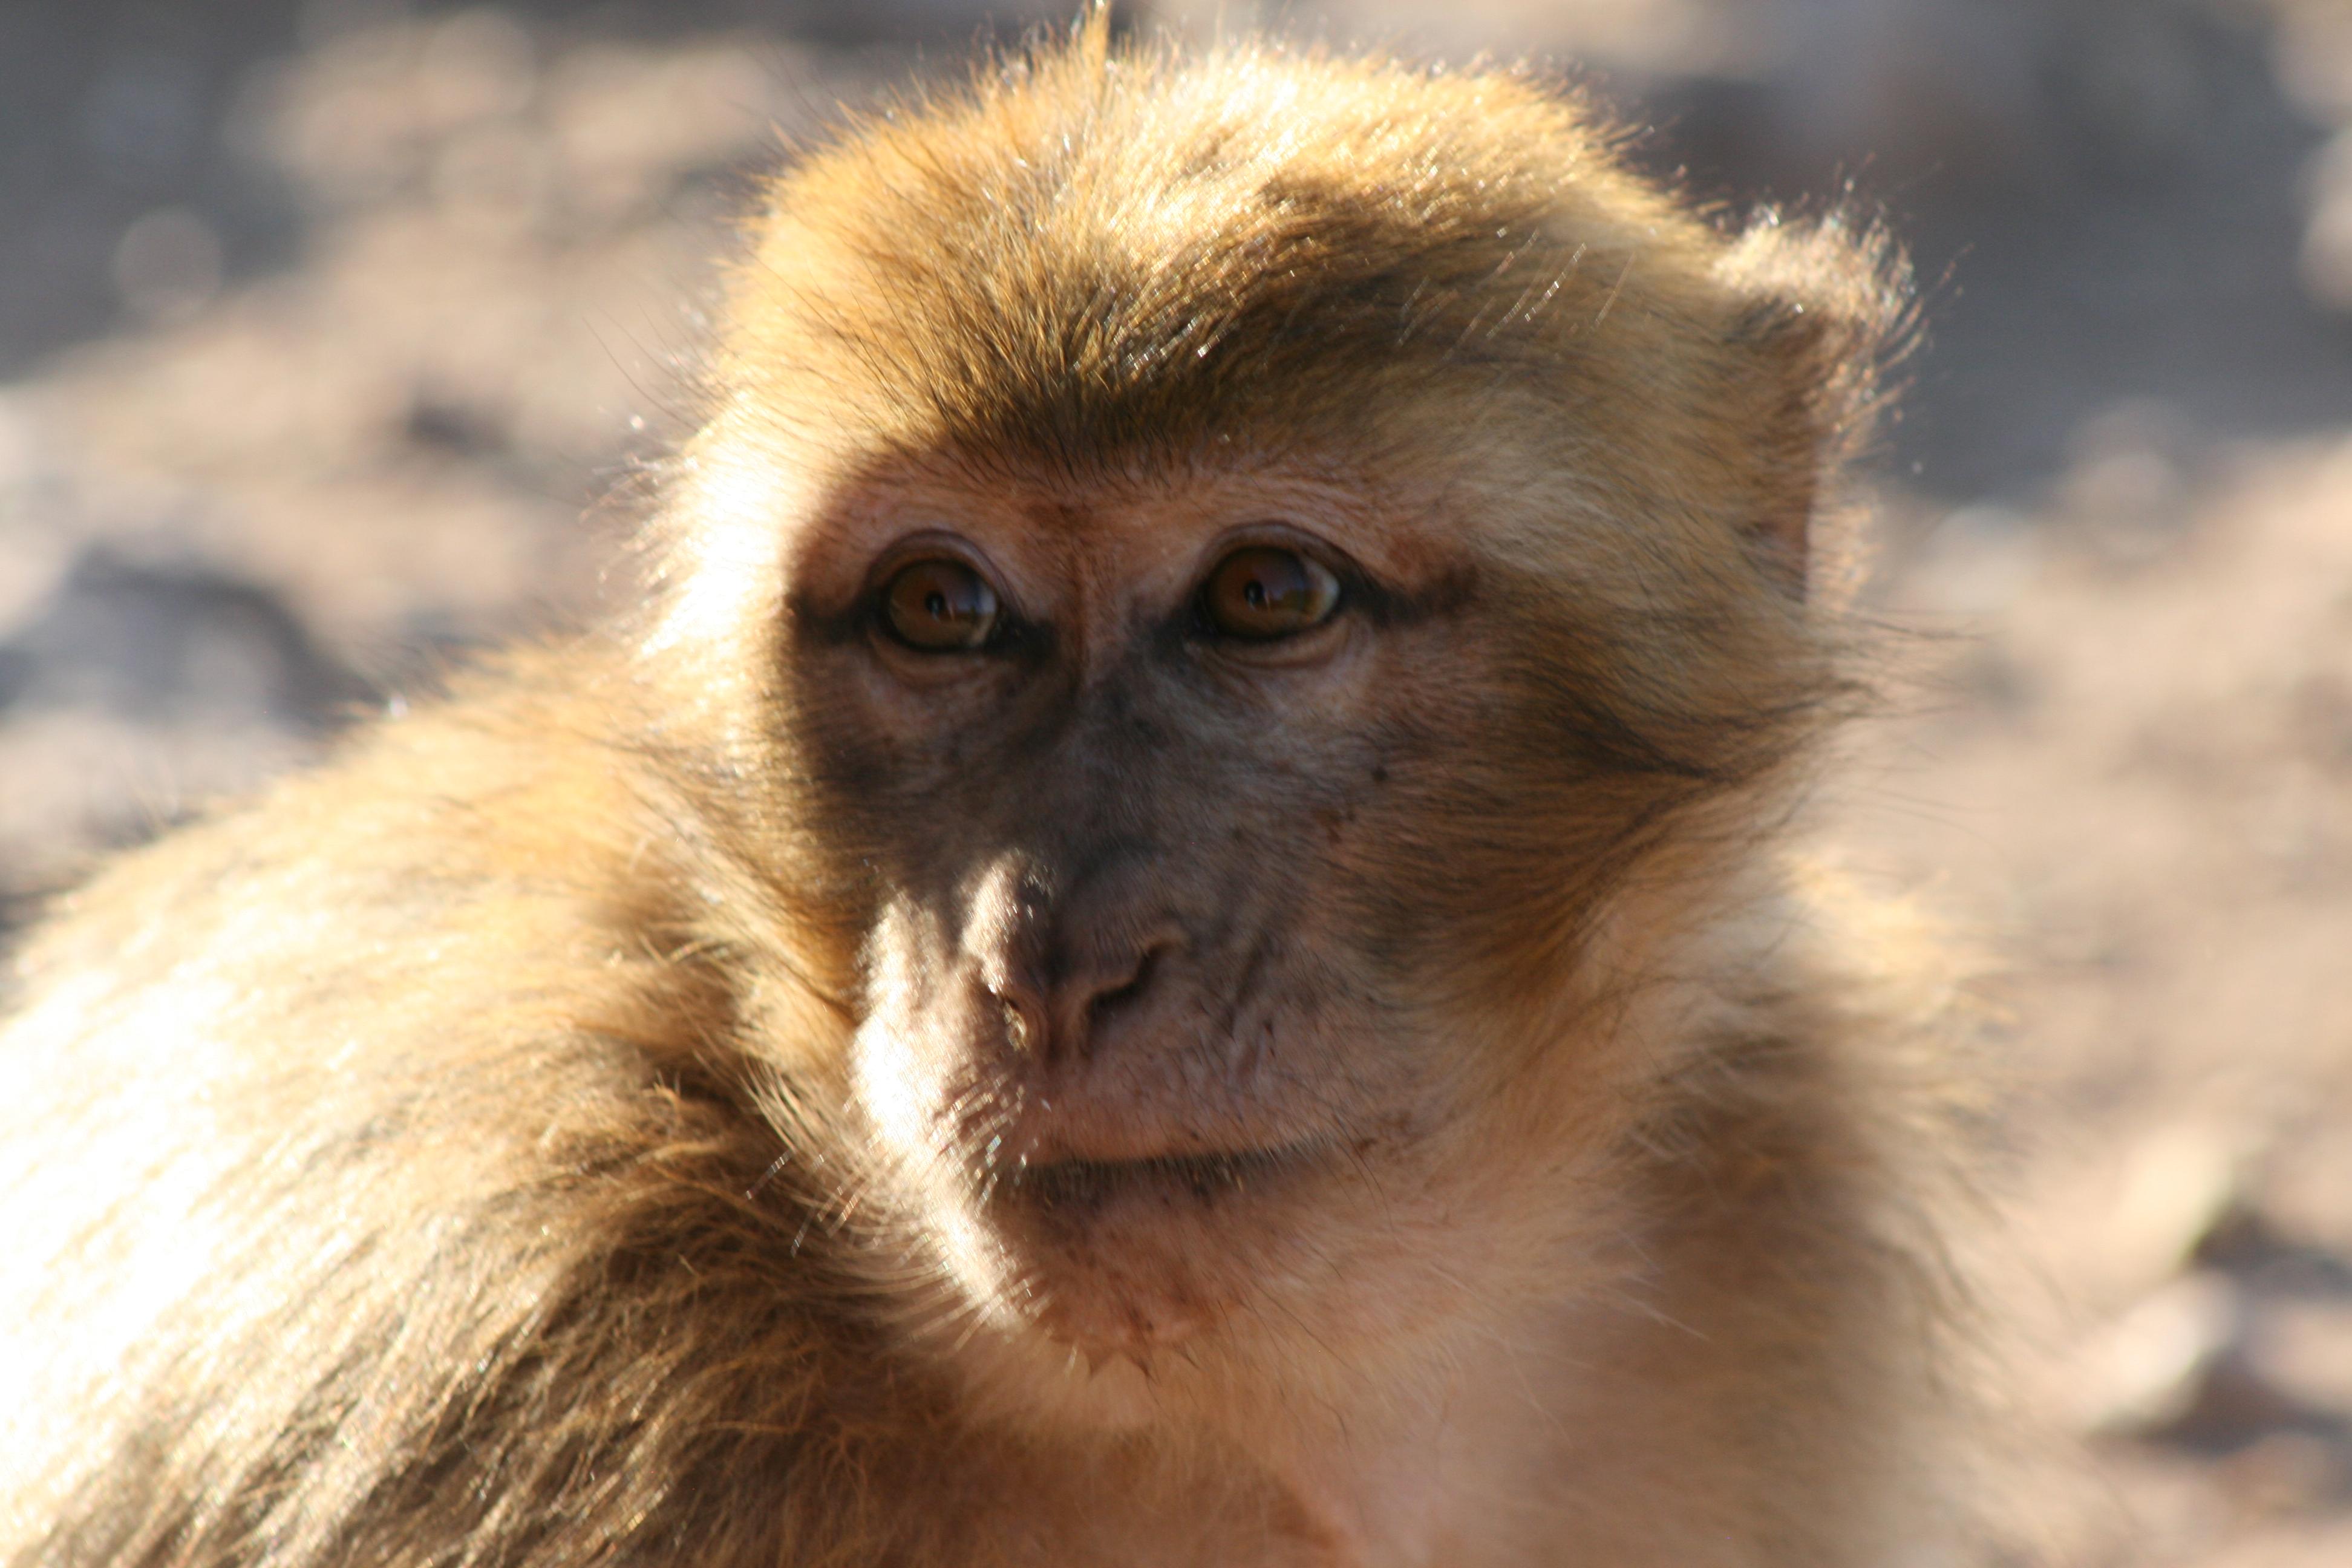 Barbary ape at Ouzoud falls